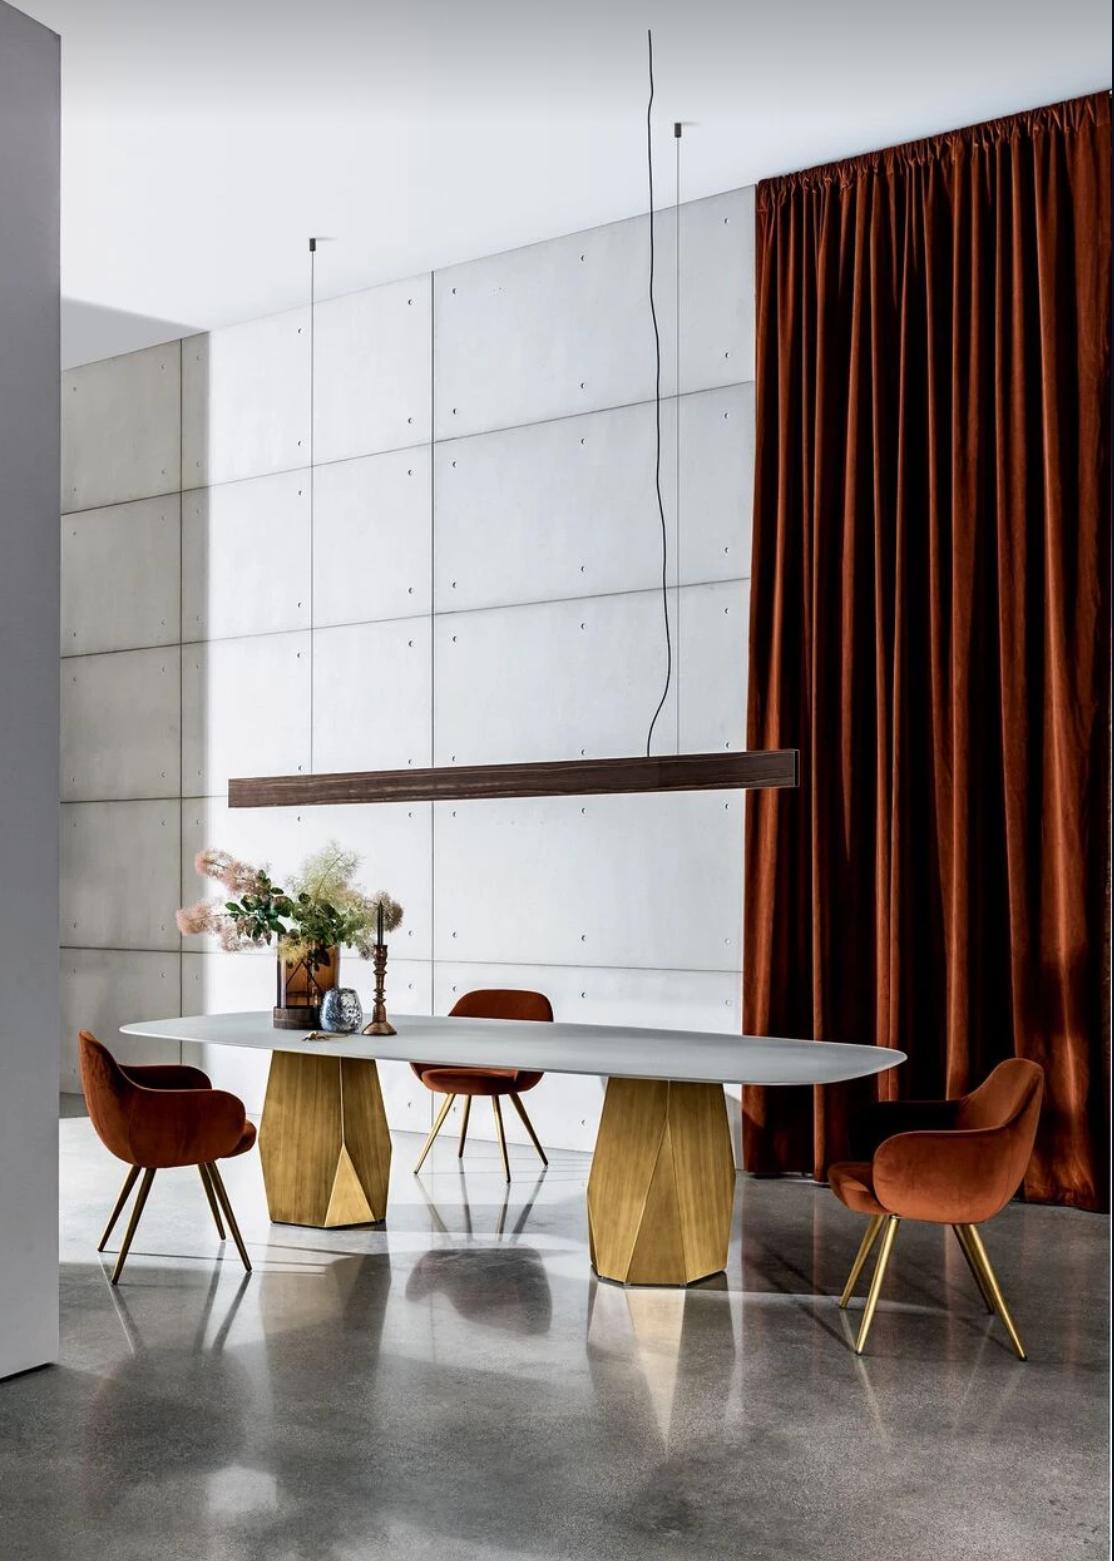 Oranžové odstíny neodmyslitelně patří k podzimu a nás okouzlila čalounění křesla Cadira značky SOVET. Jaká je vaše oblíbená barva? #alax #alaxprague #sovetdesign #cadira #cadirasovet #welovedesign #designfurniture #sovetchairs #designchairs #homedecorideas #homedesignideas #home